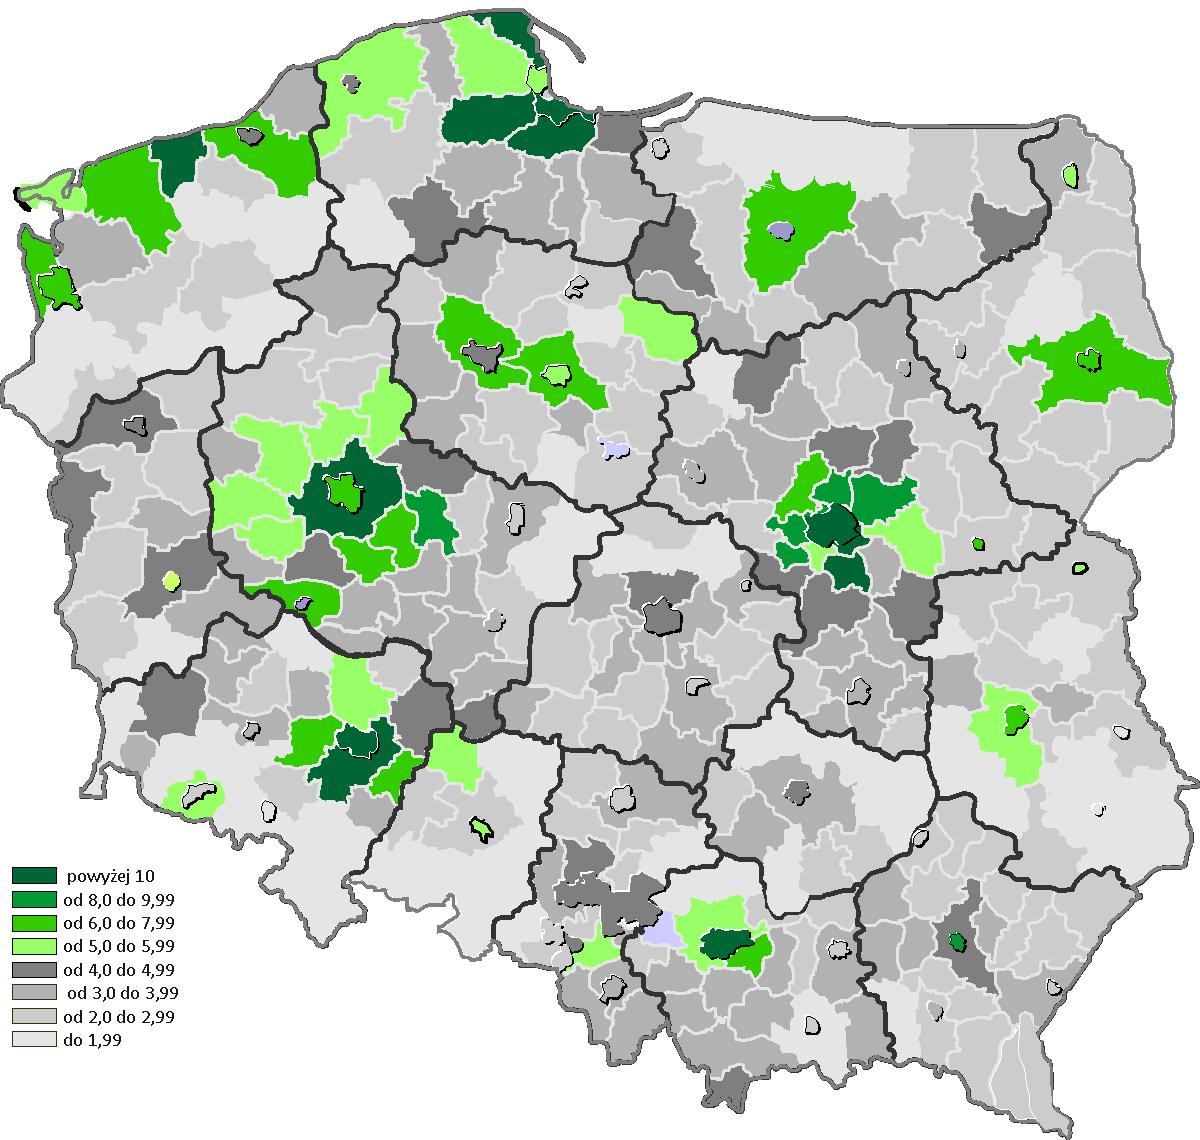 Liczba rocznie budowanych mieszkań w powiatach na 1 tys. ludności